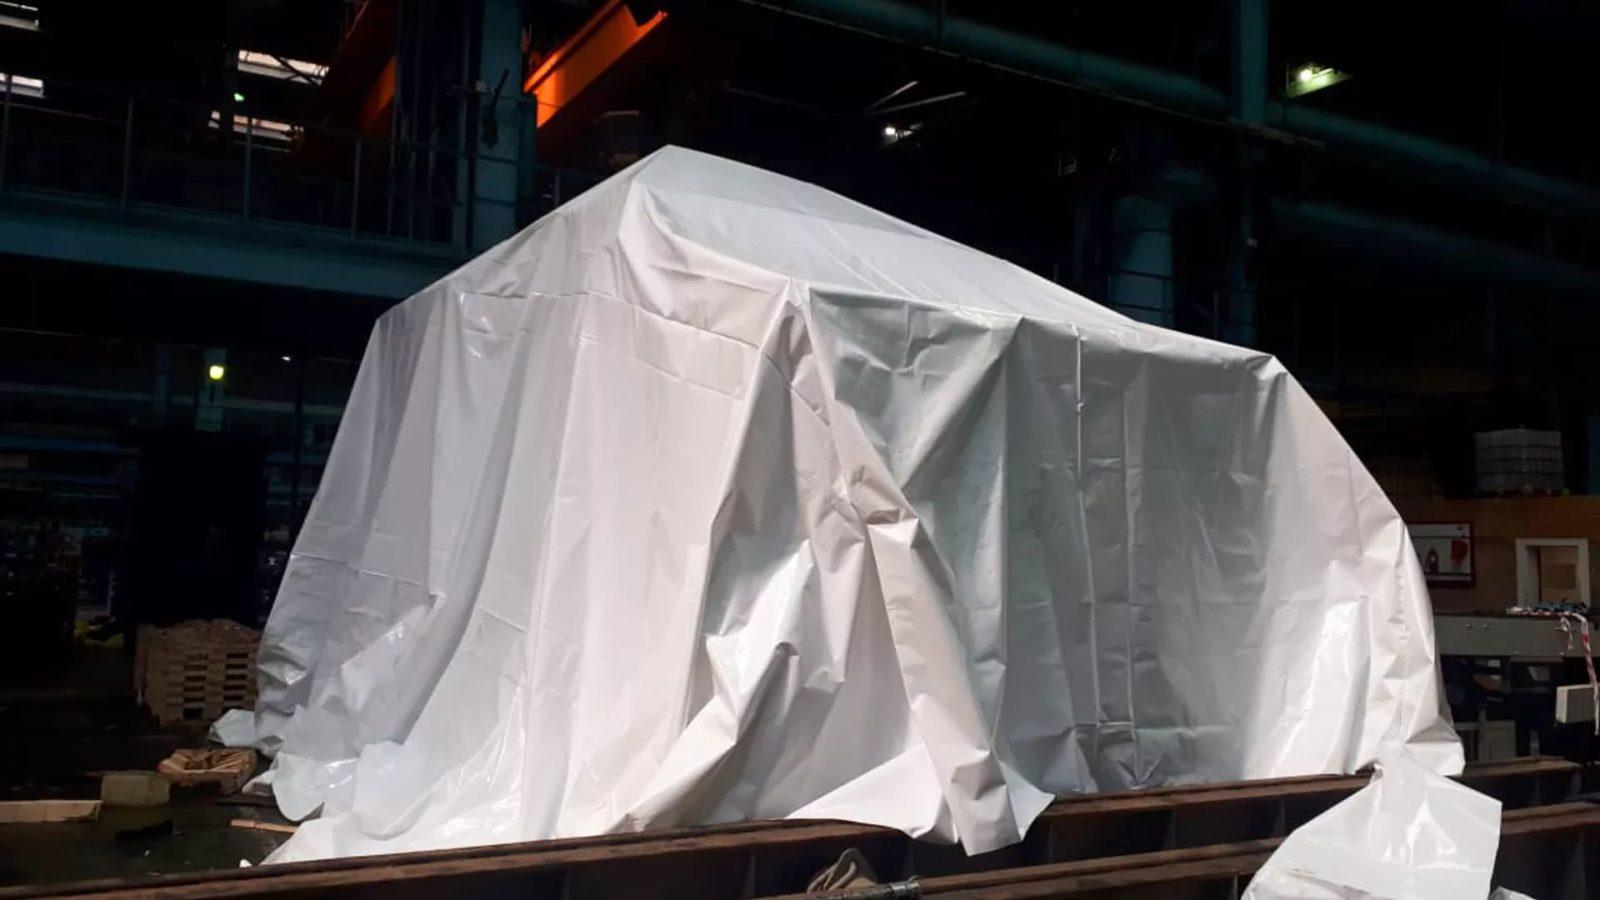 Пленка полиэтиленовая термоусадочная полотно используется для упаковки больших промышленных объектов